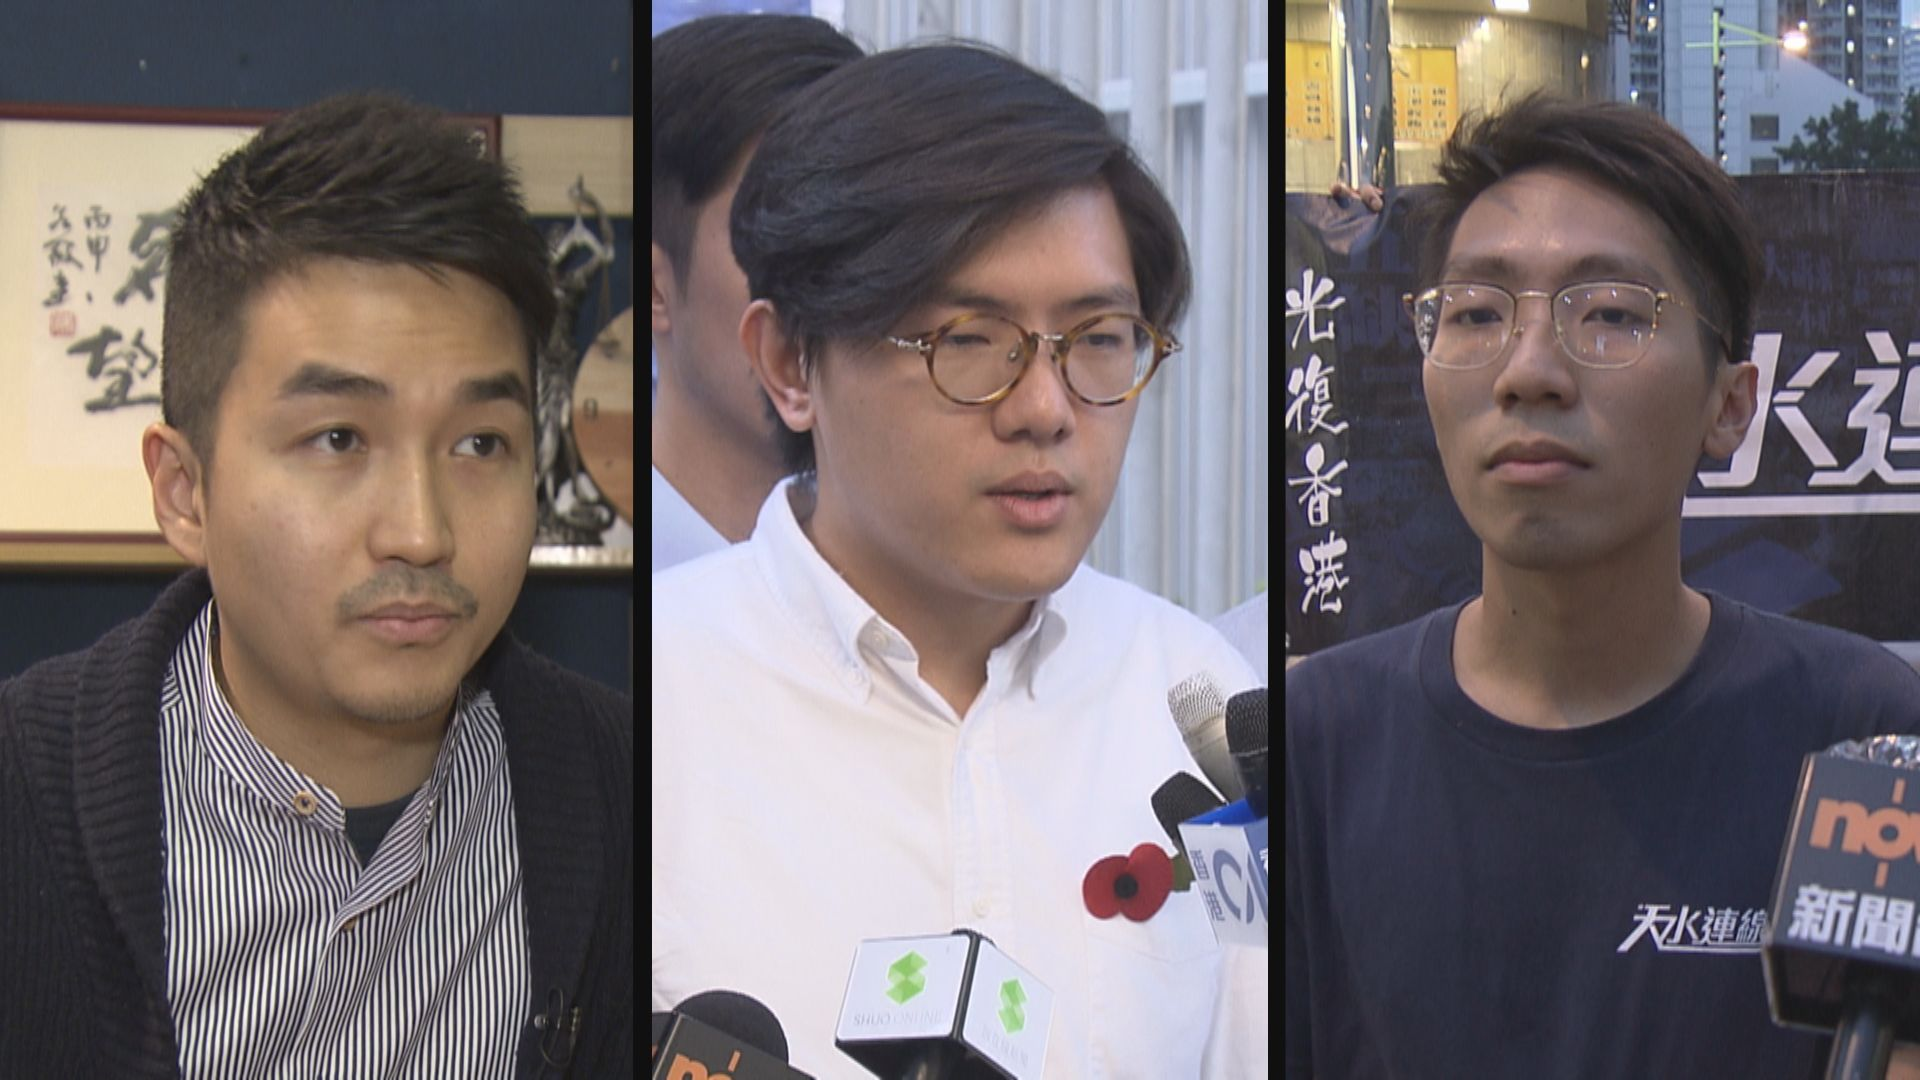 鄭達鴻、張可森、伍健偉已辭任區議員